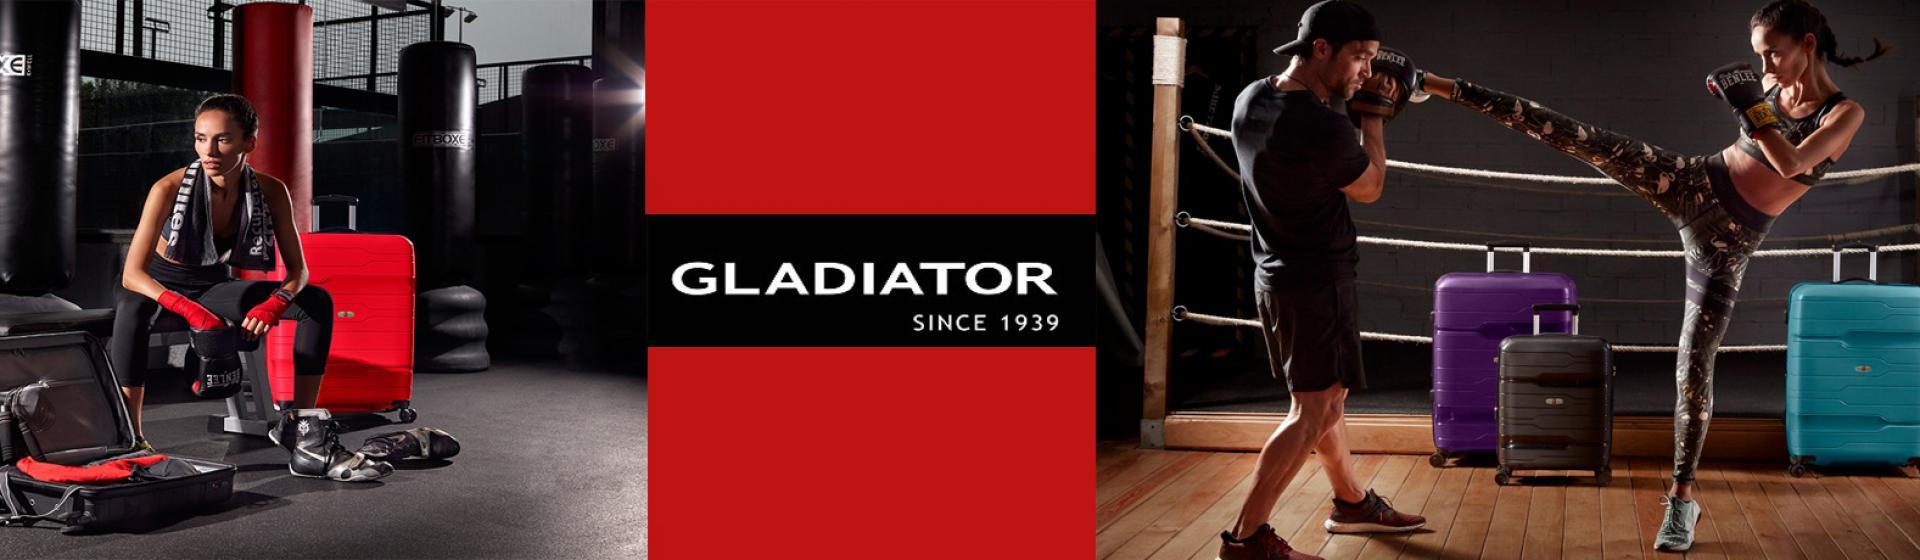 Gladiator Boxing Slider 2021